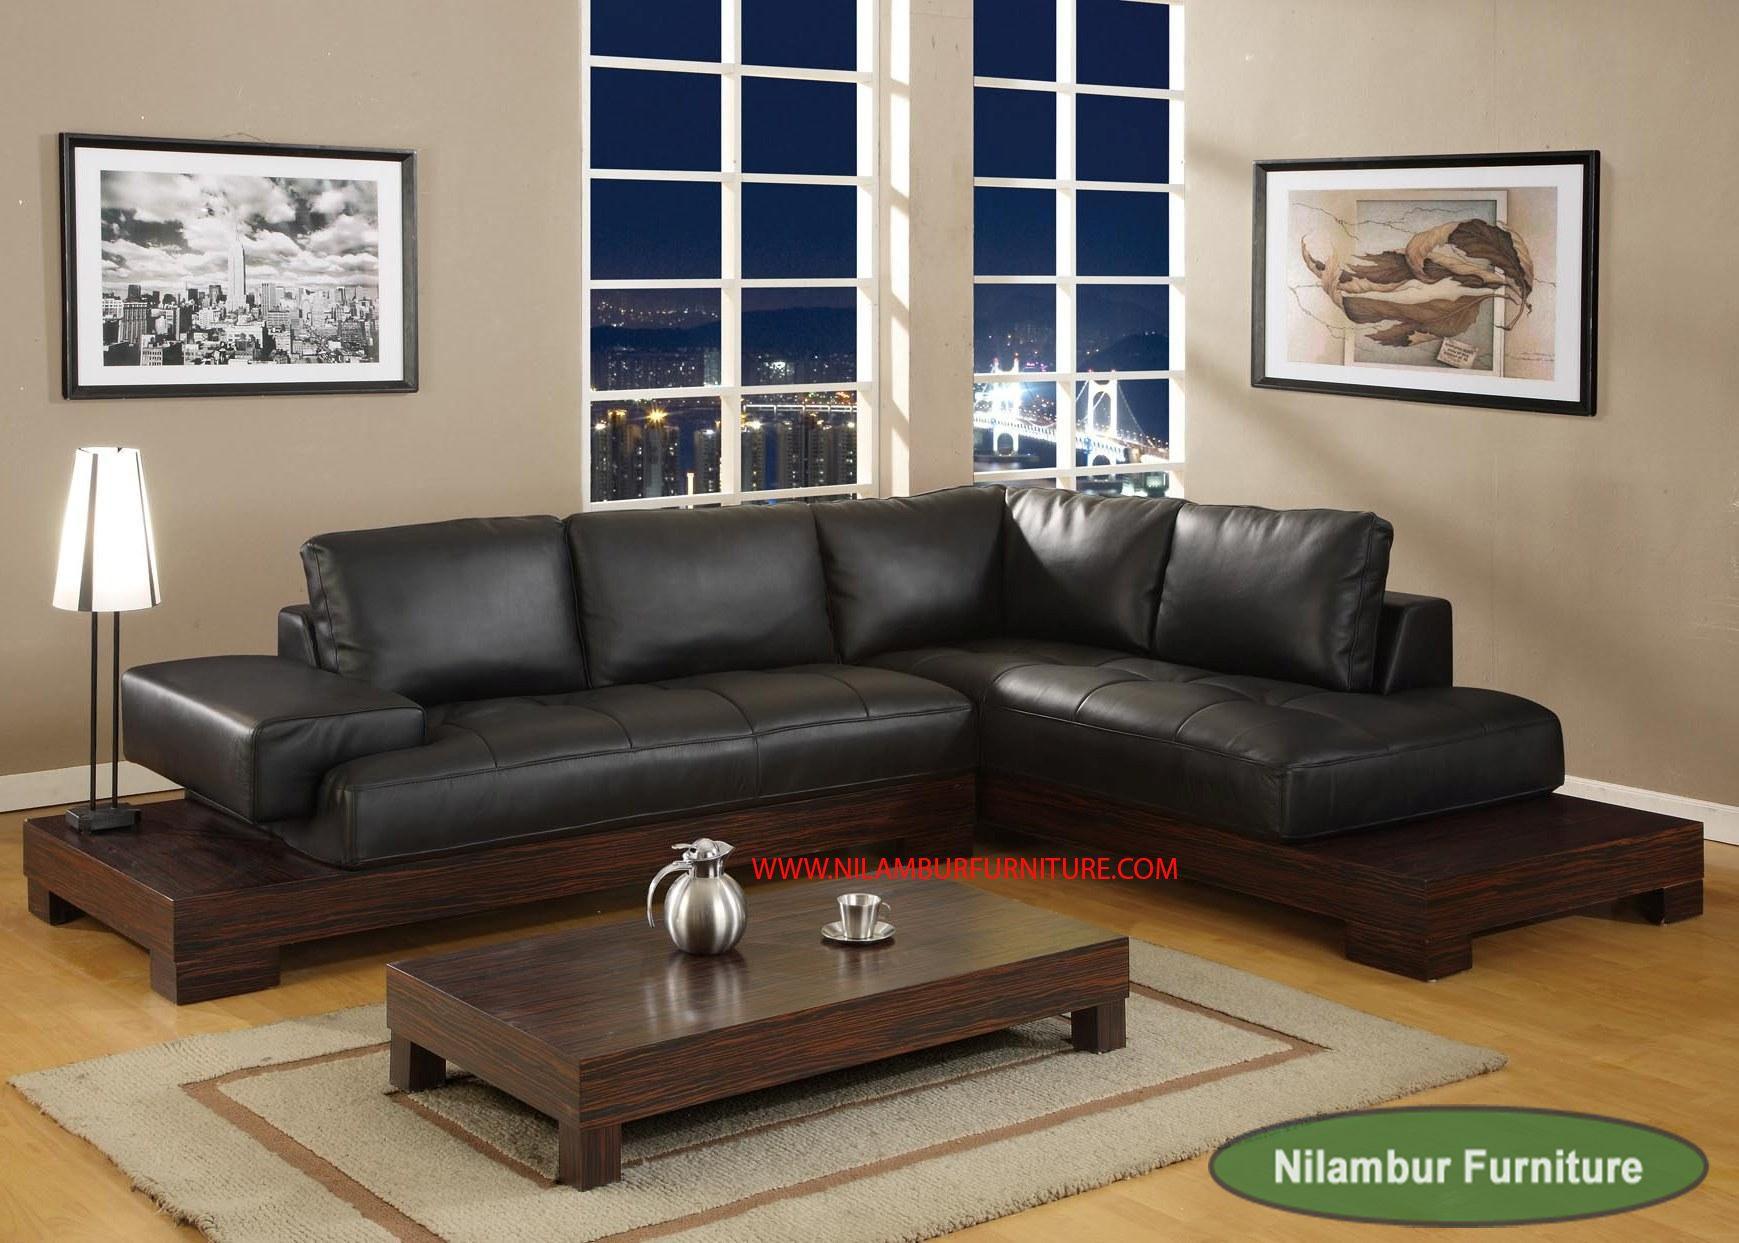 Furnitureinteriordecorationawesomebrownwoodensofaswithblack